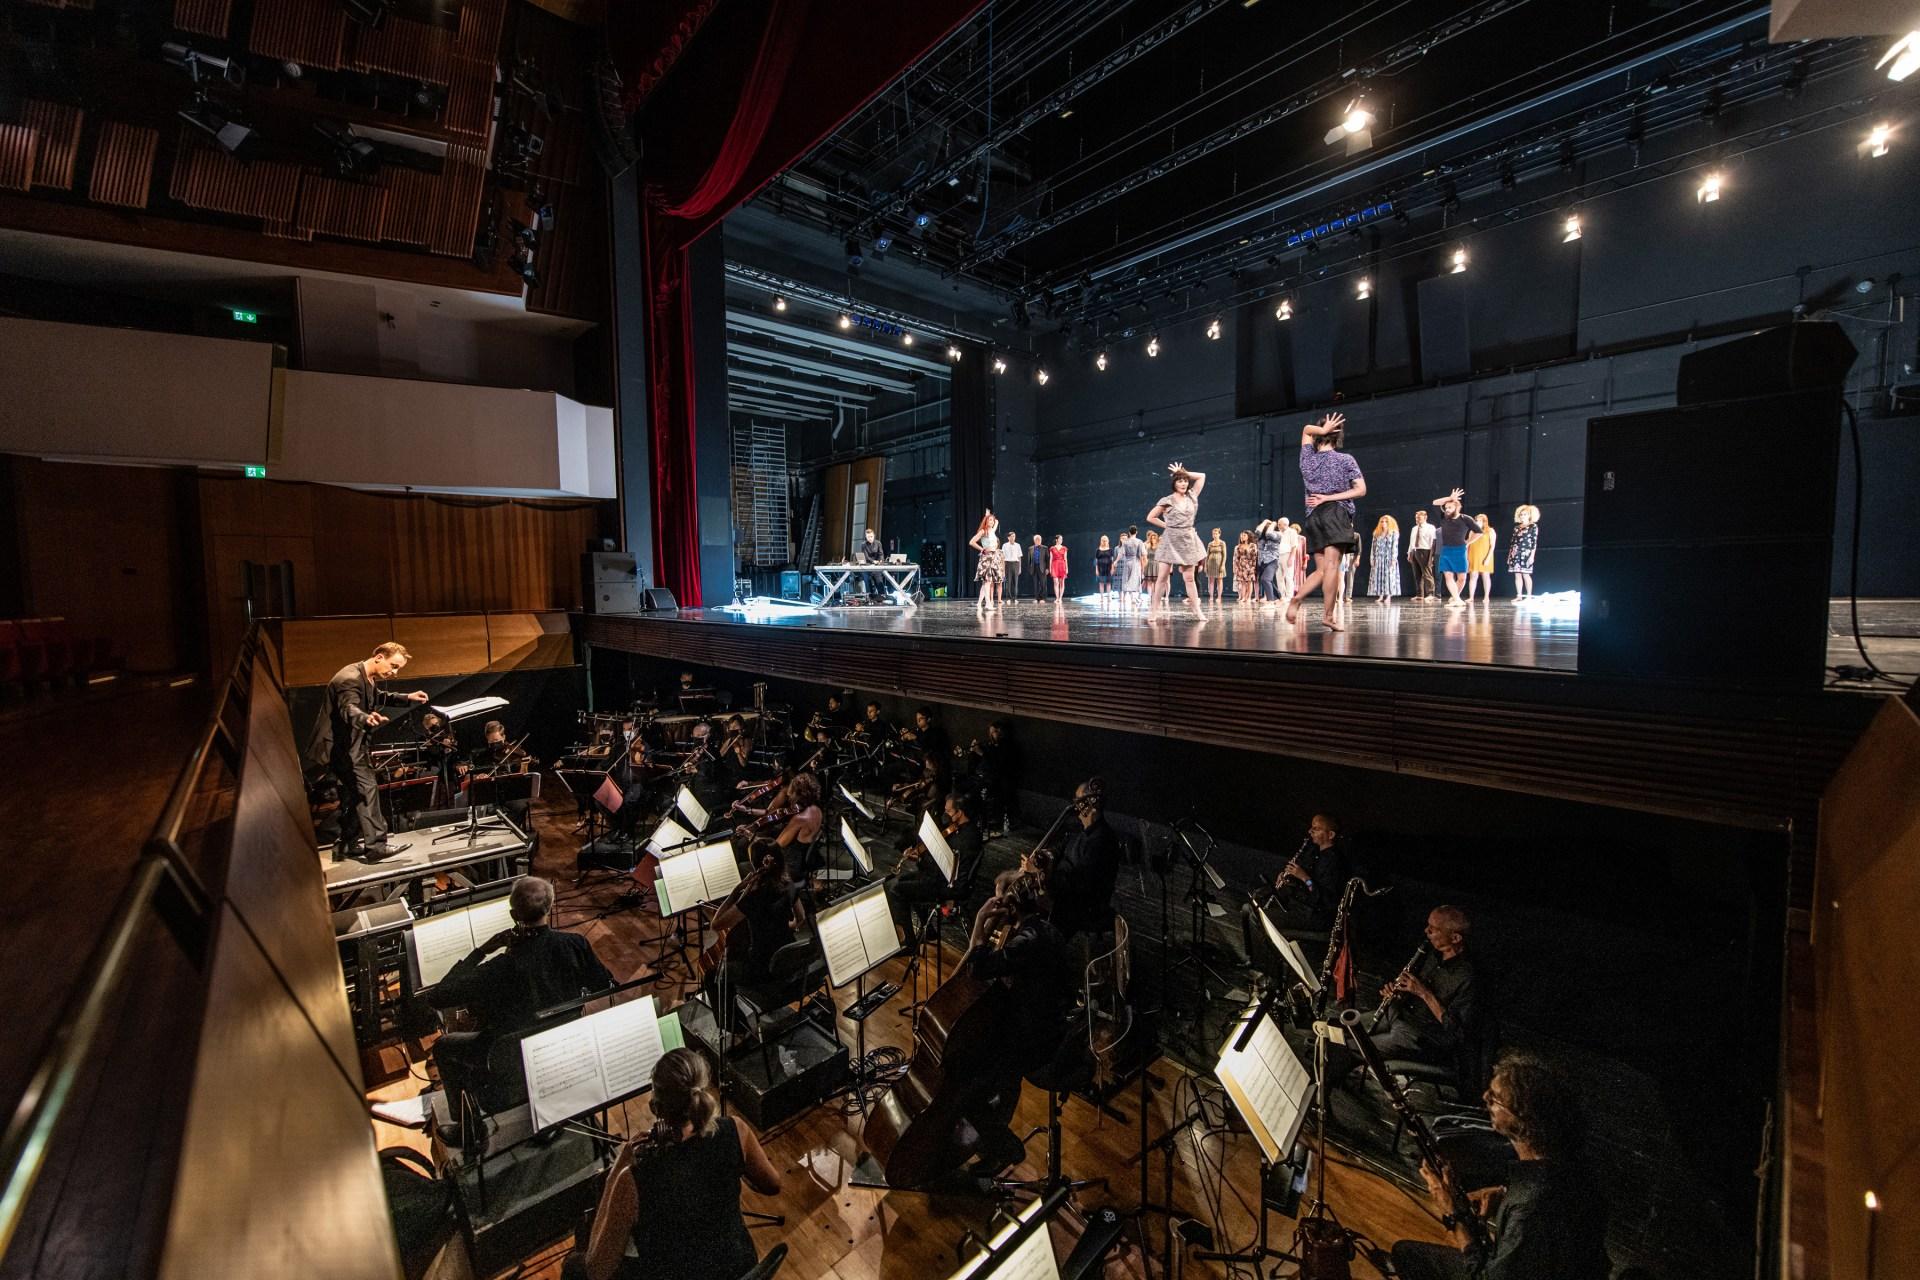 orchestra-haydn-micompania-teatro-comunale-bolzano-danza